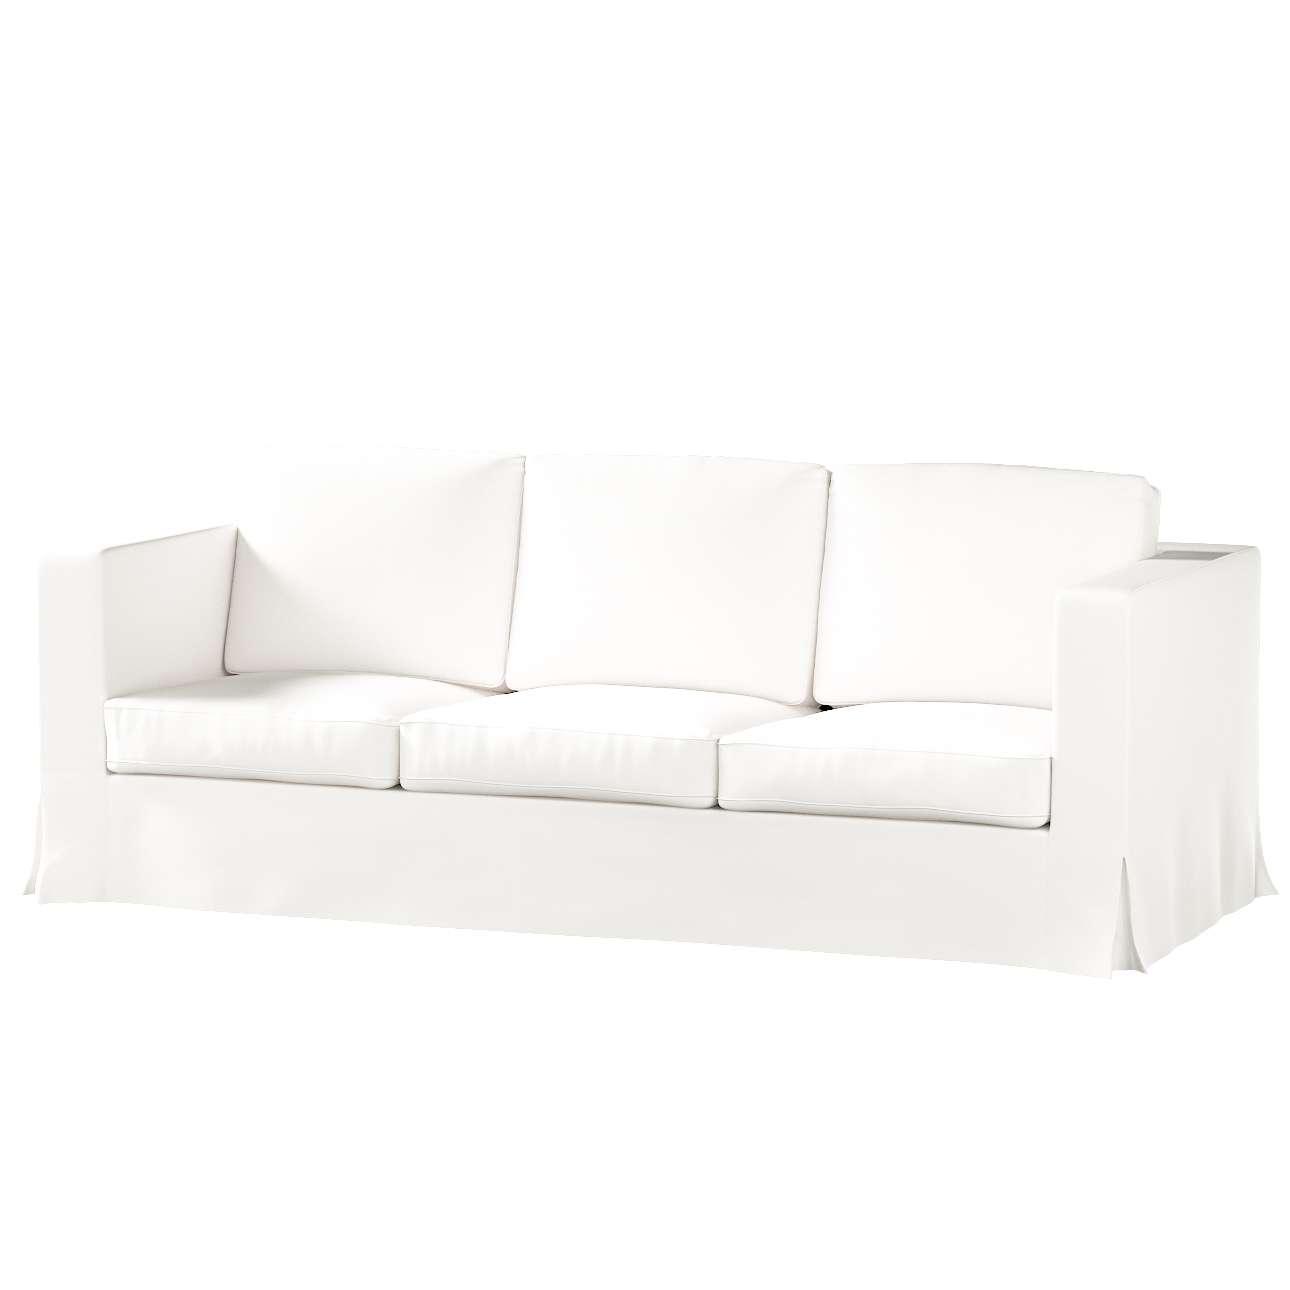 KARLANDA trivietės sofos iki žemės užvalkalas KARLANDA trivietės sofos iki žemės užvalkalas kolekcijoje Cotton Panama, audinys: 702-34